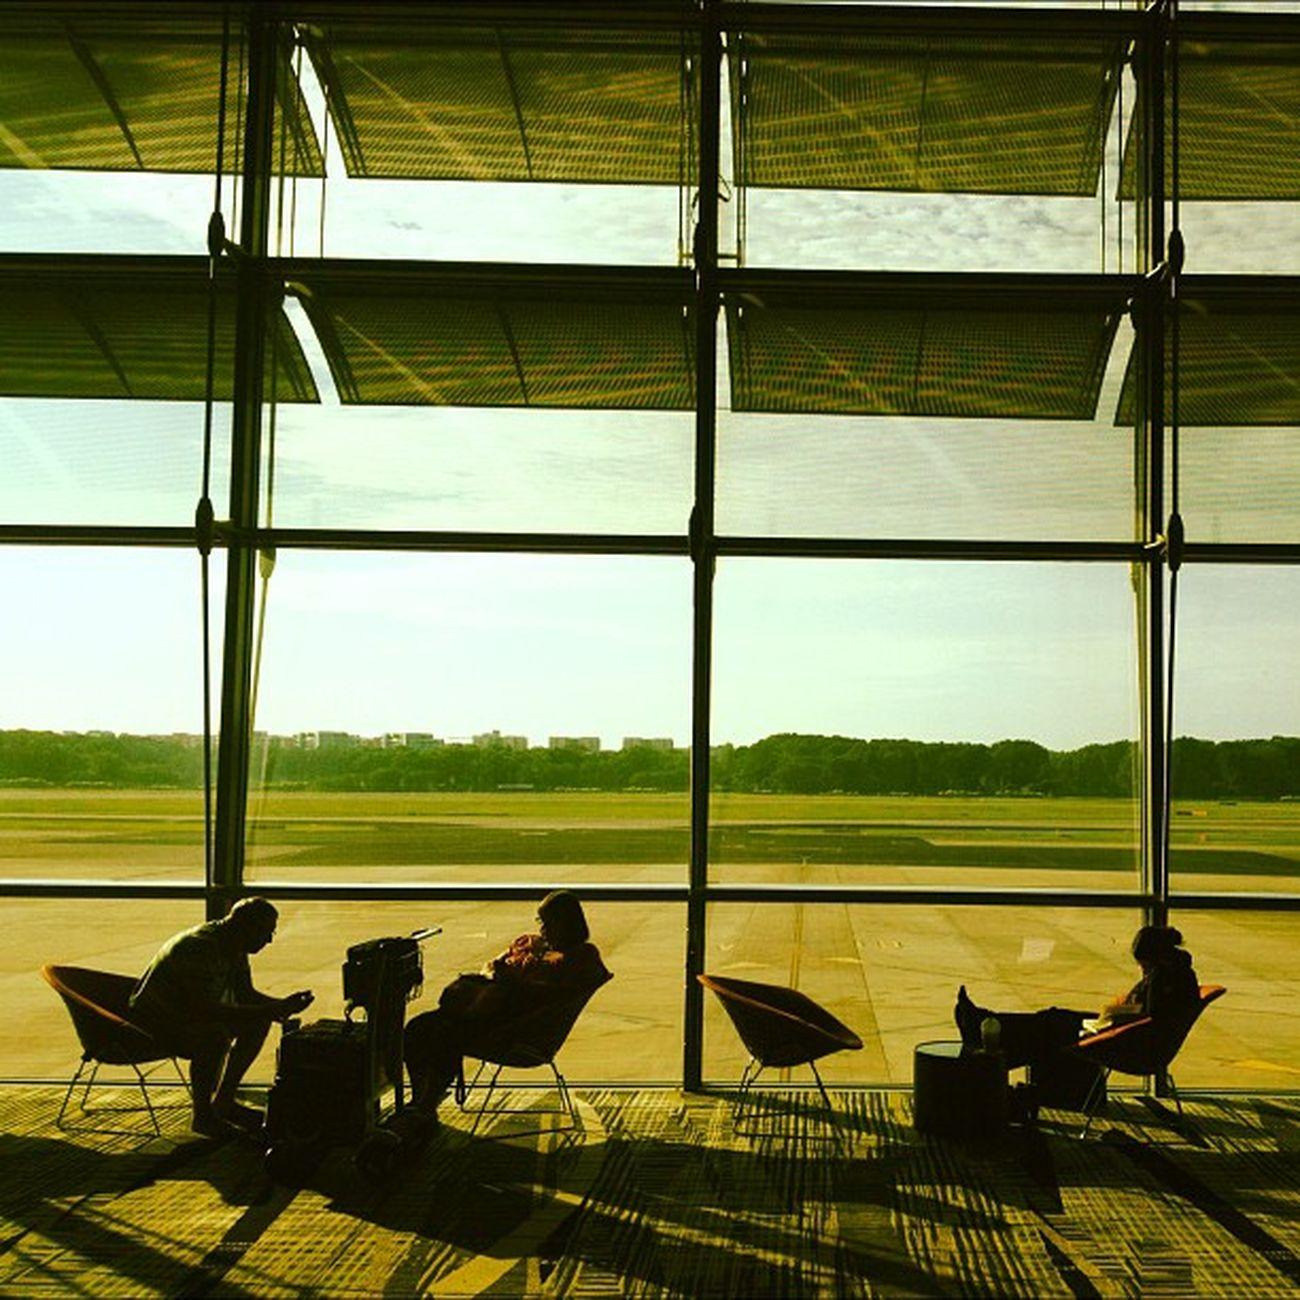 Changi Airport Singapore Changiairport